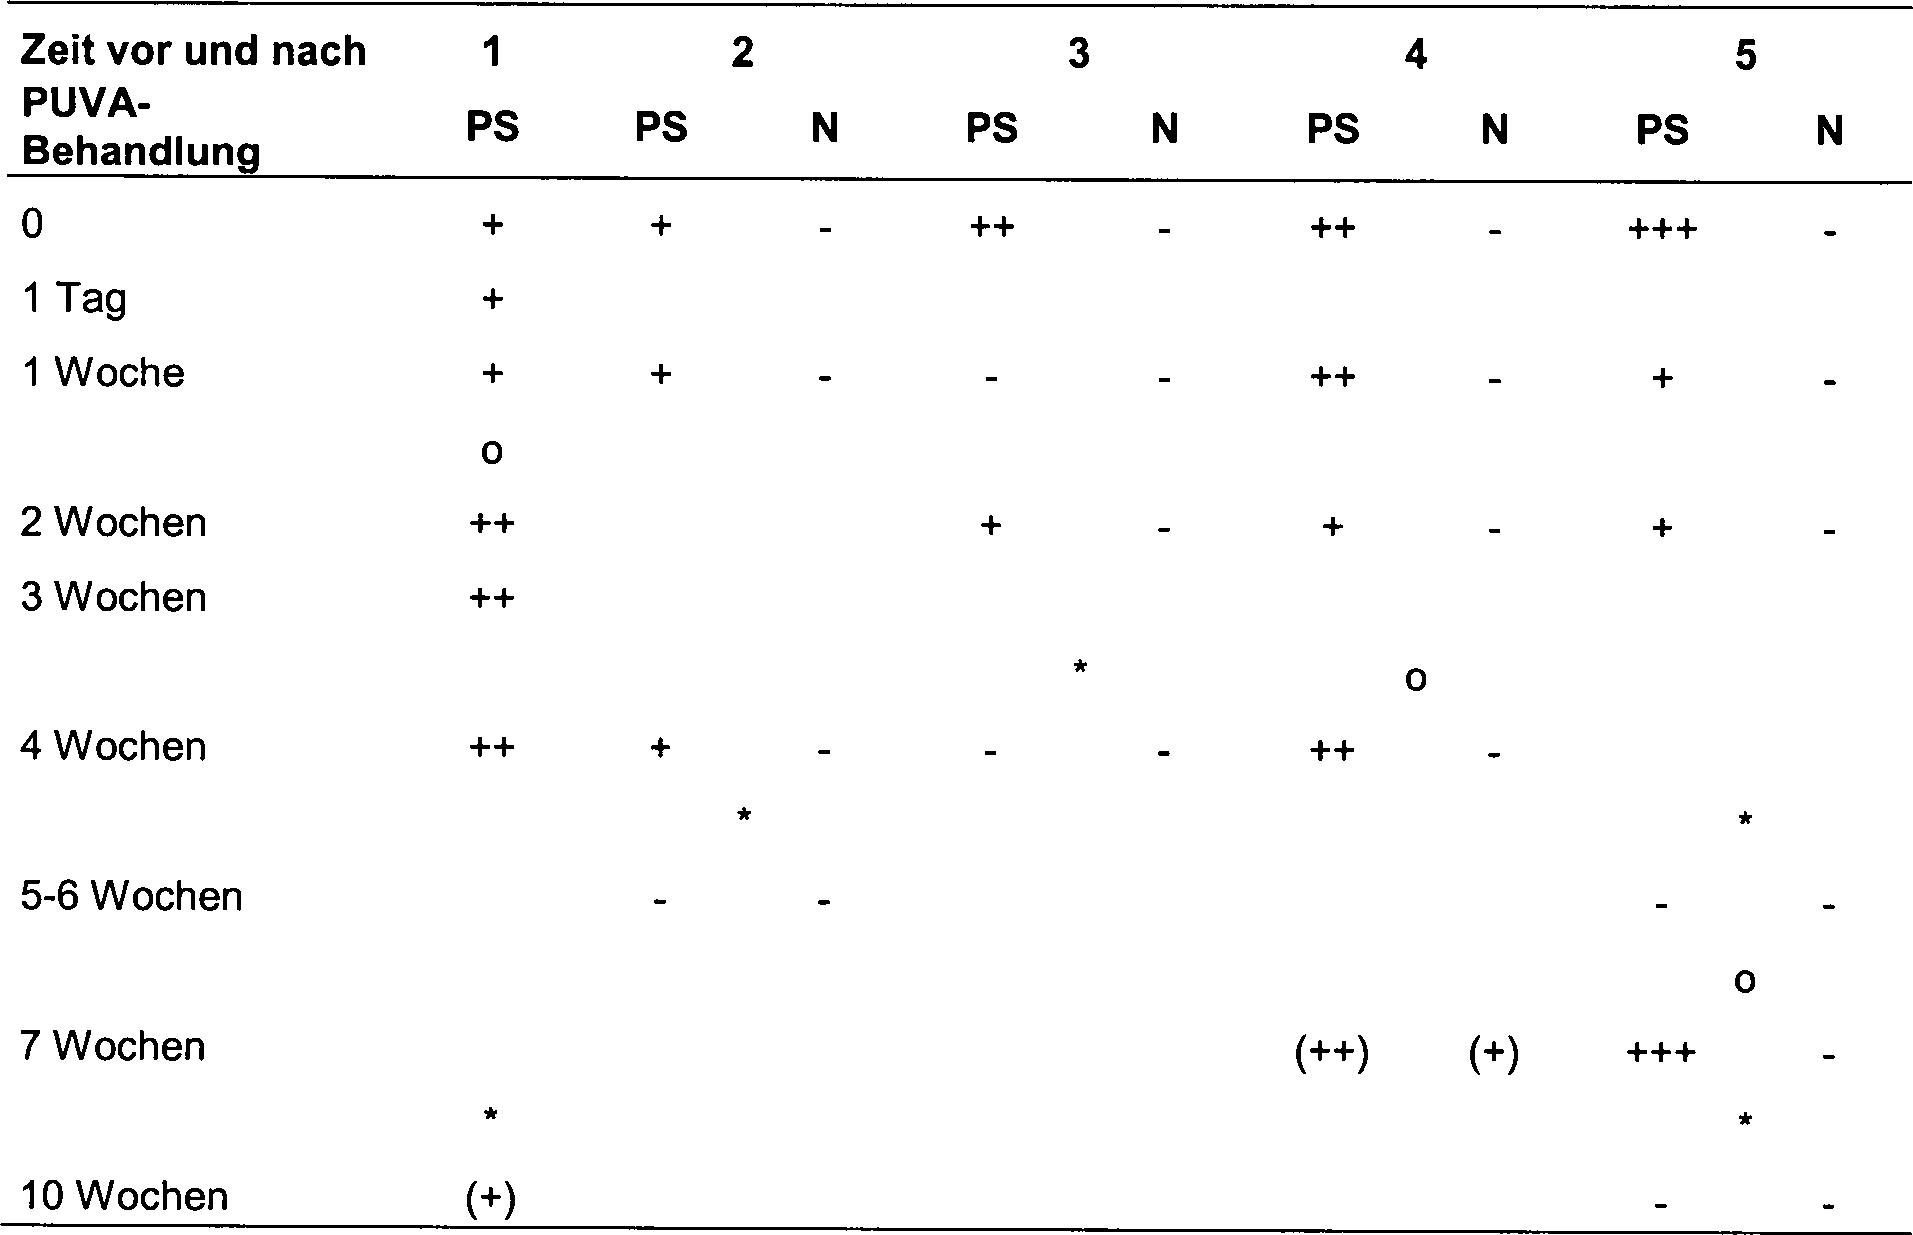 2 stufen modell gilbert